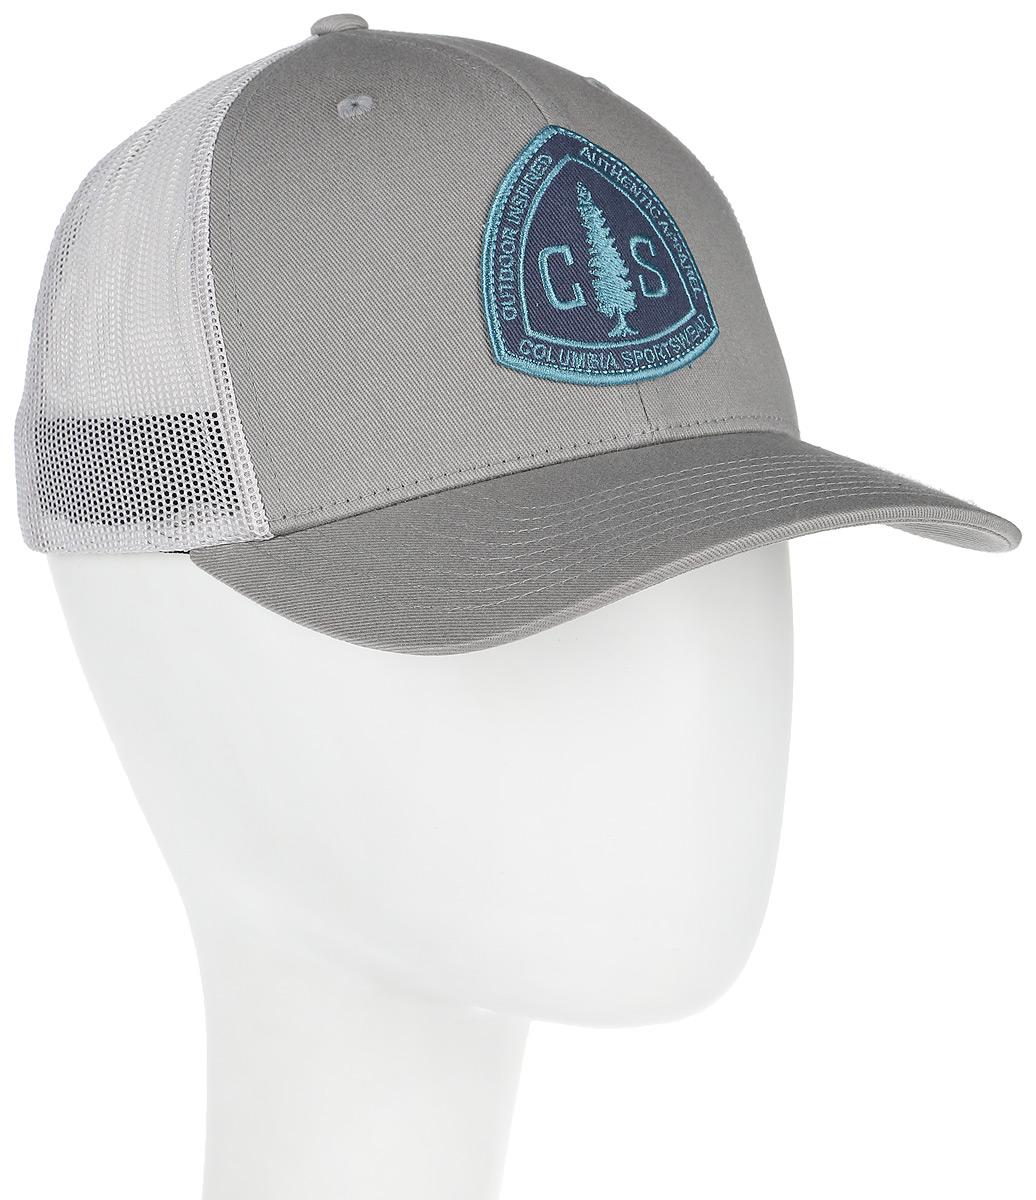 Бейсболка Columbia Mesh Snap Back Hat, цвет: бежевый. 1652541-005. Размер универсальный1652541-005Стильная бейсболка Columbia, выполненная из высококачественных материалов, идеально подойдет для прогулок, занятия спортом и отдыха. Она надежно защитит вас от солнца и ветра. Классическая кепка с сетчатой задней частью станет правильным выбором. Изделие оформлено нашивкой с логотипом бренда. Объем бейсболки регулируется пластиковым фиксатором.